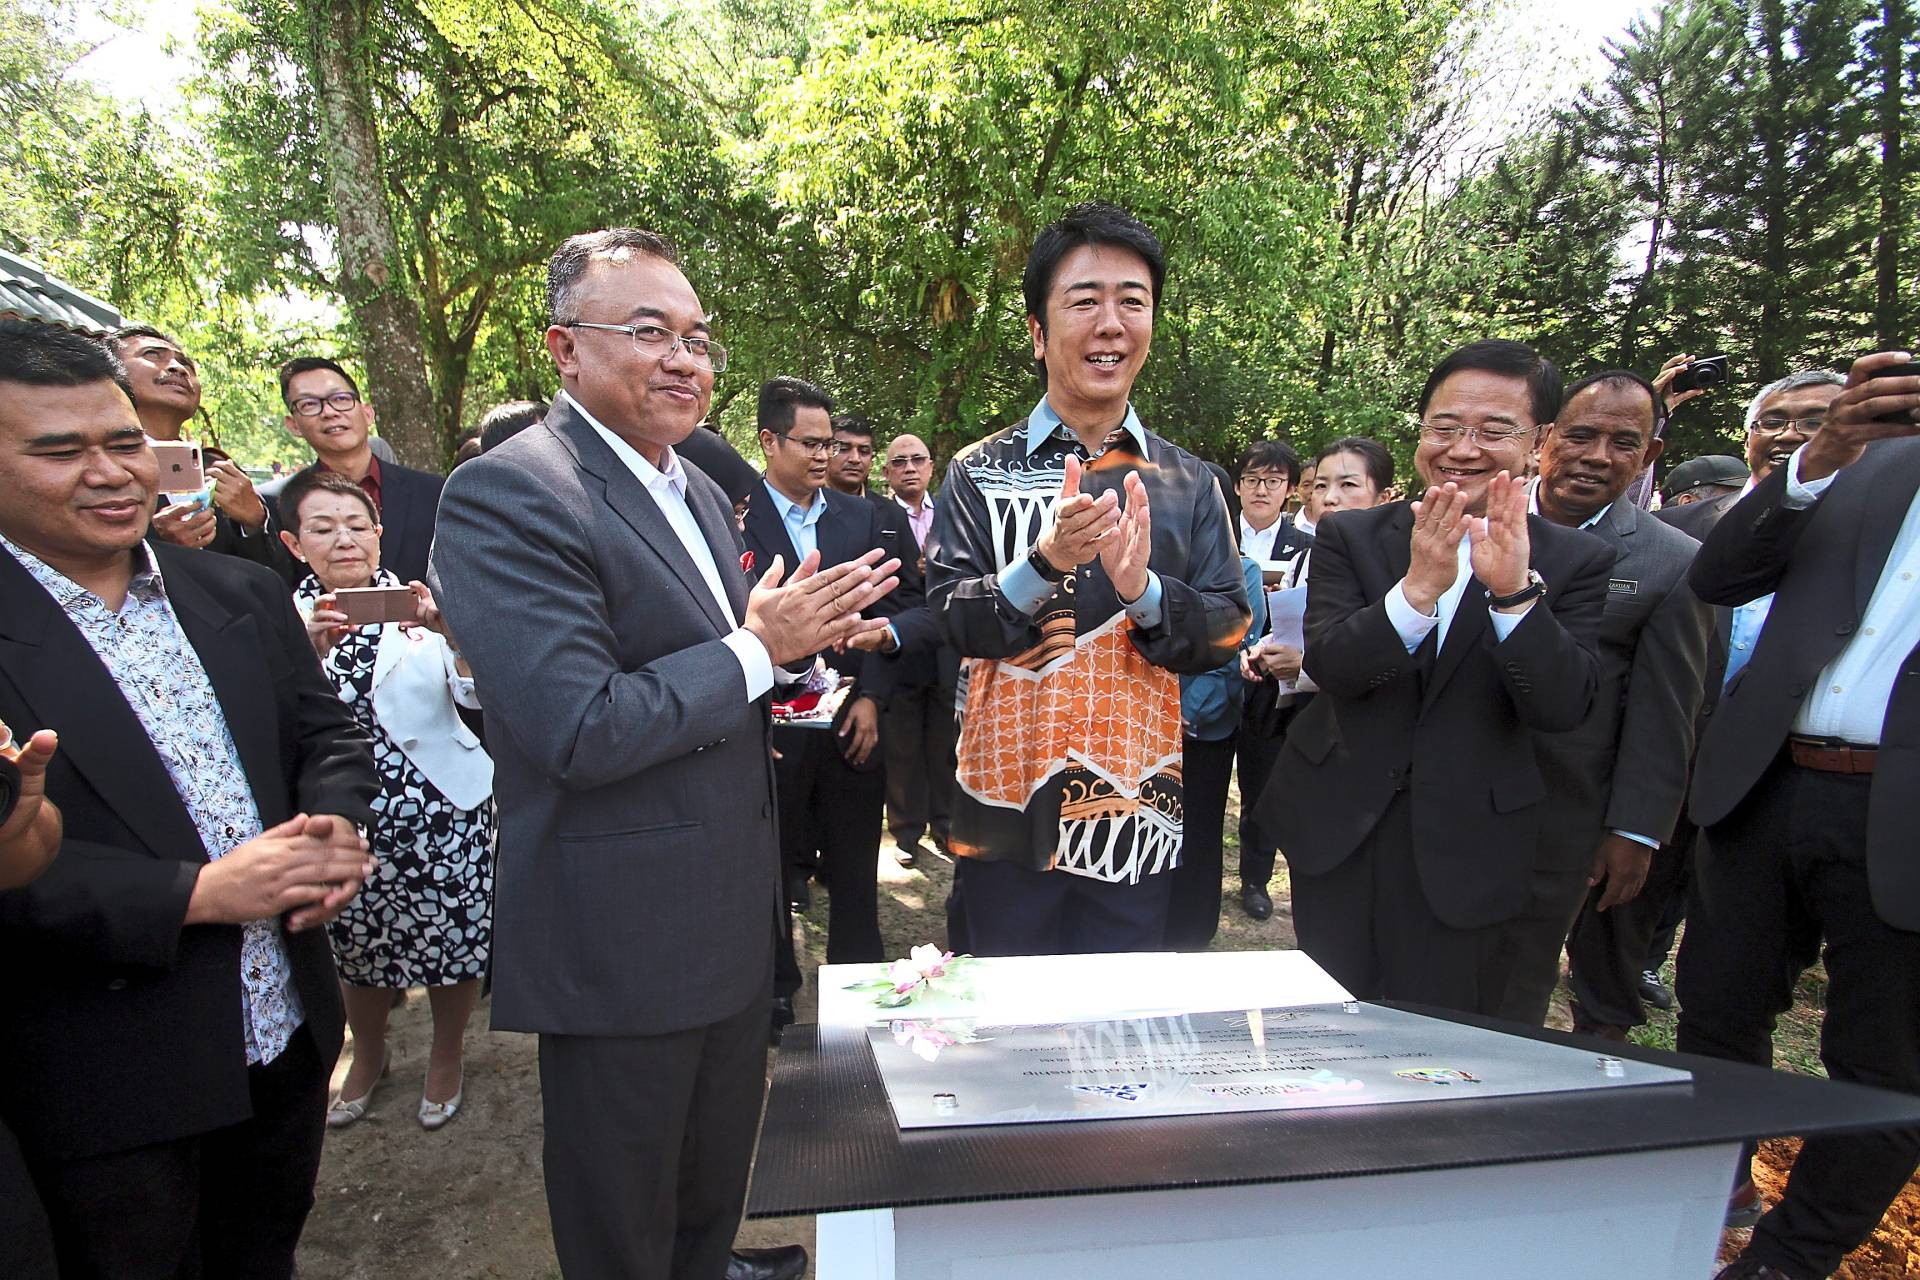 Celebrating 30 years of Ipoh-Fukuoka ties